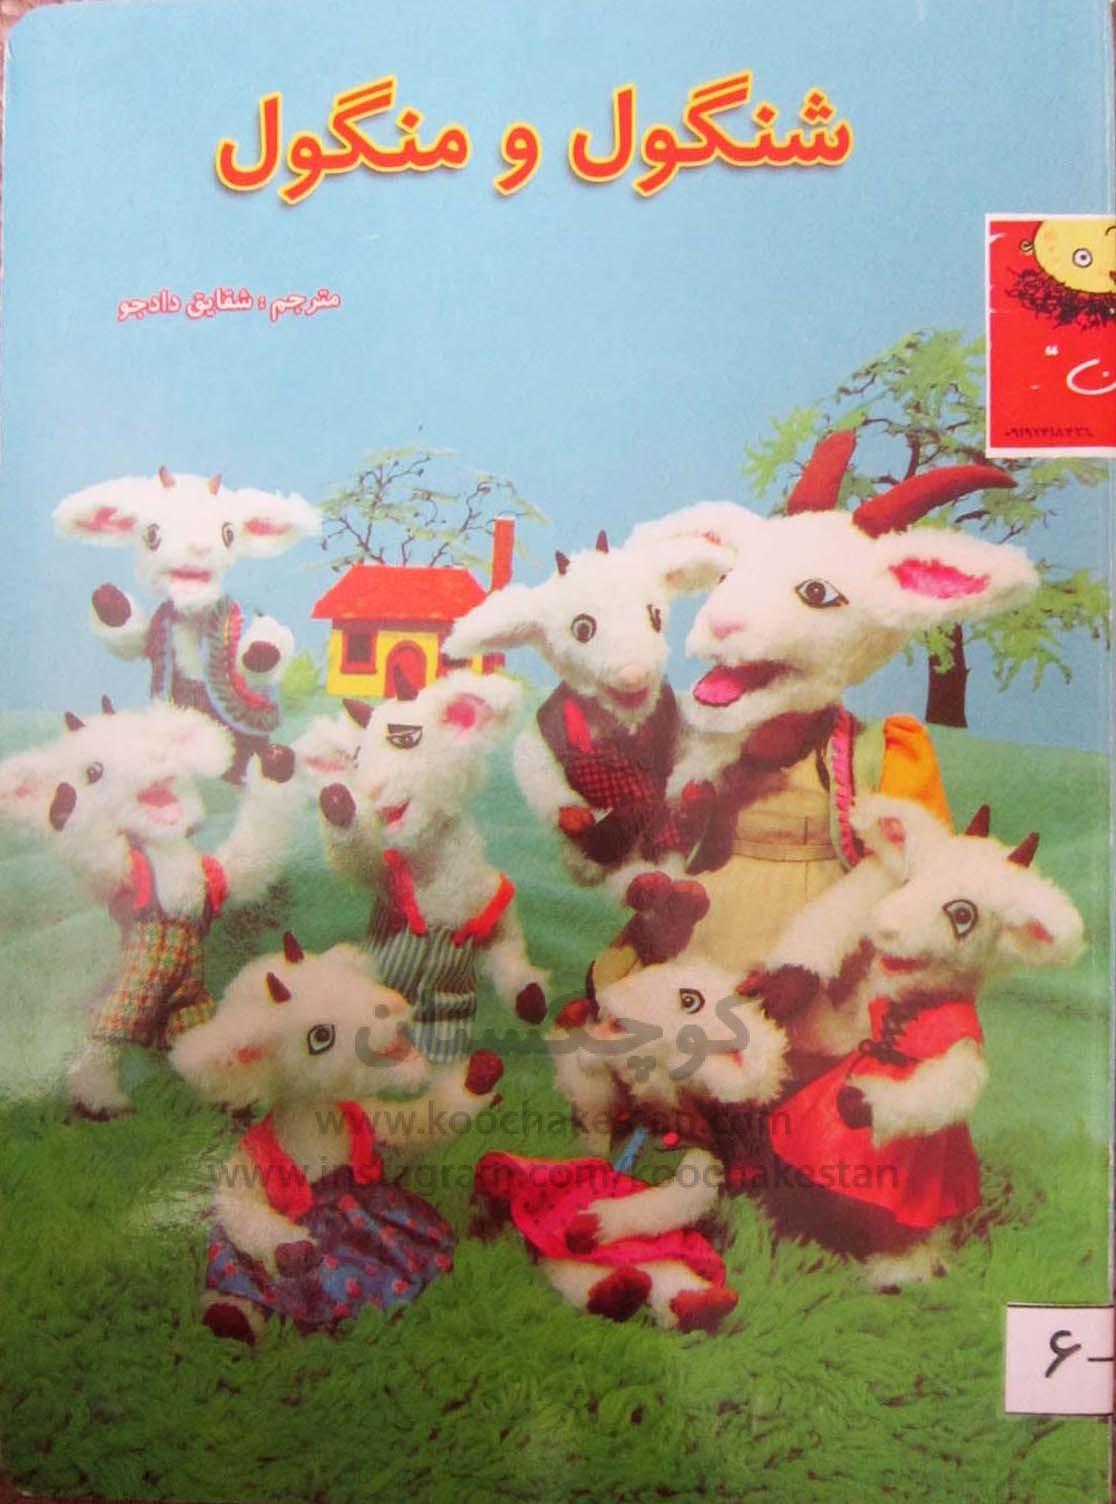 شنگول و منگول - کتابخانه کودک - کوچکستان